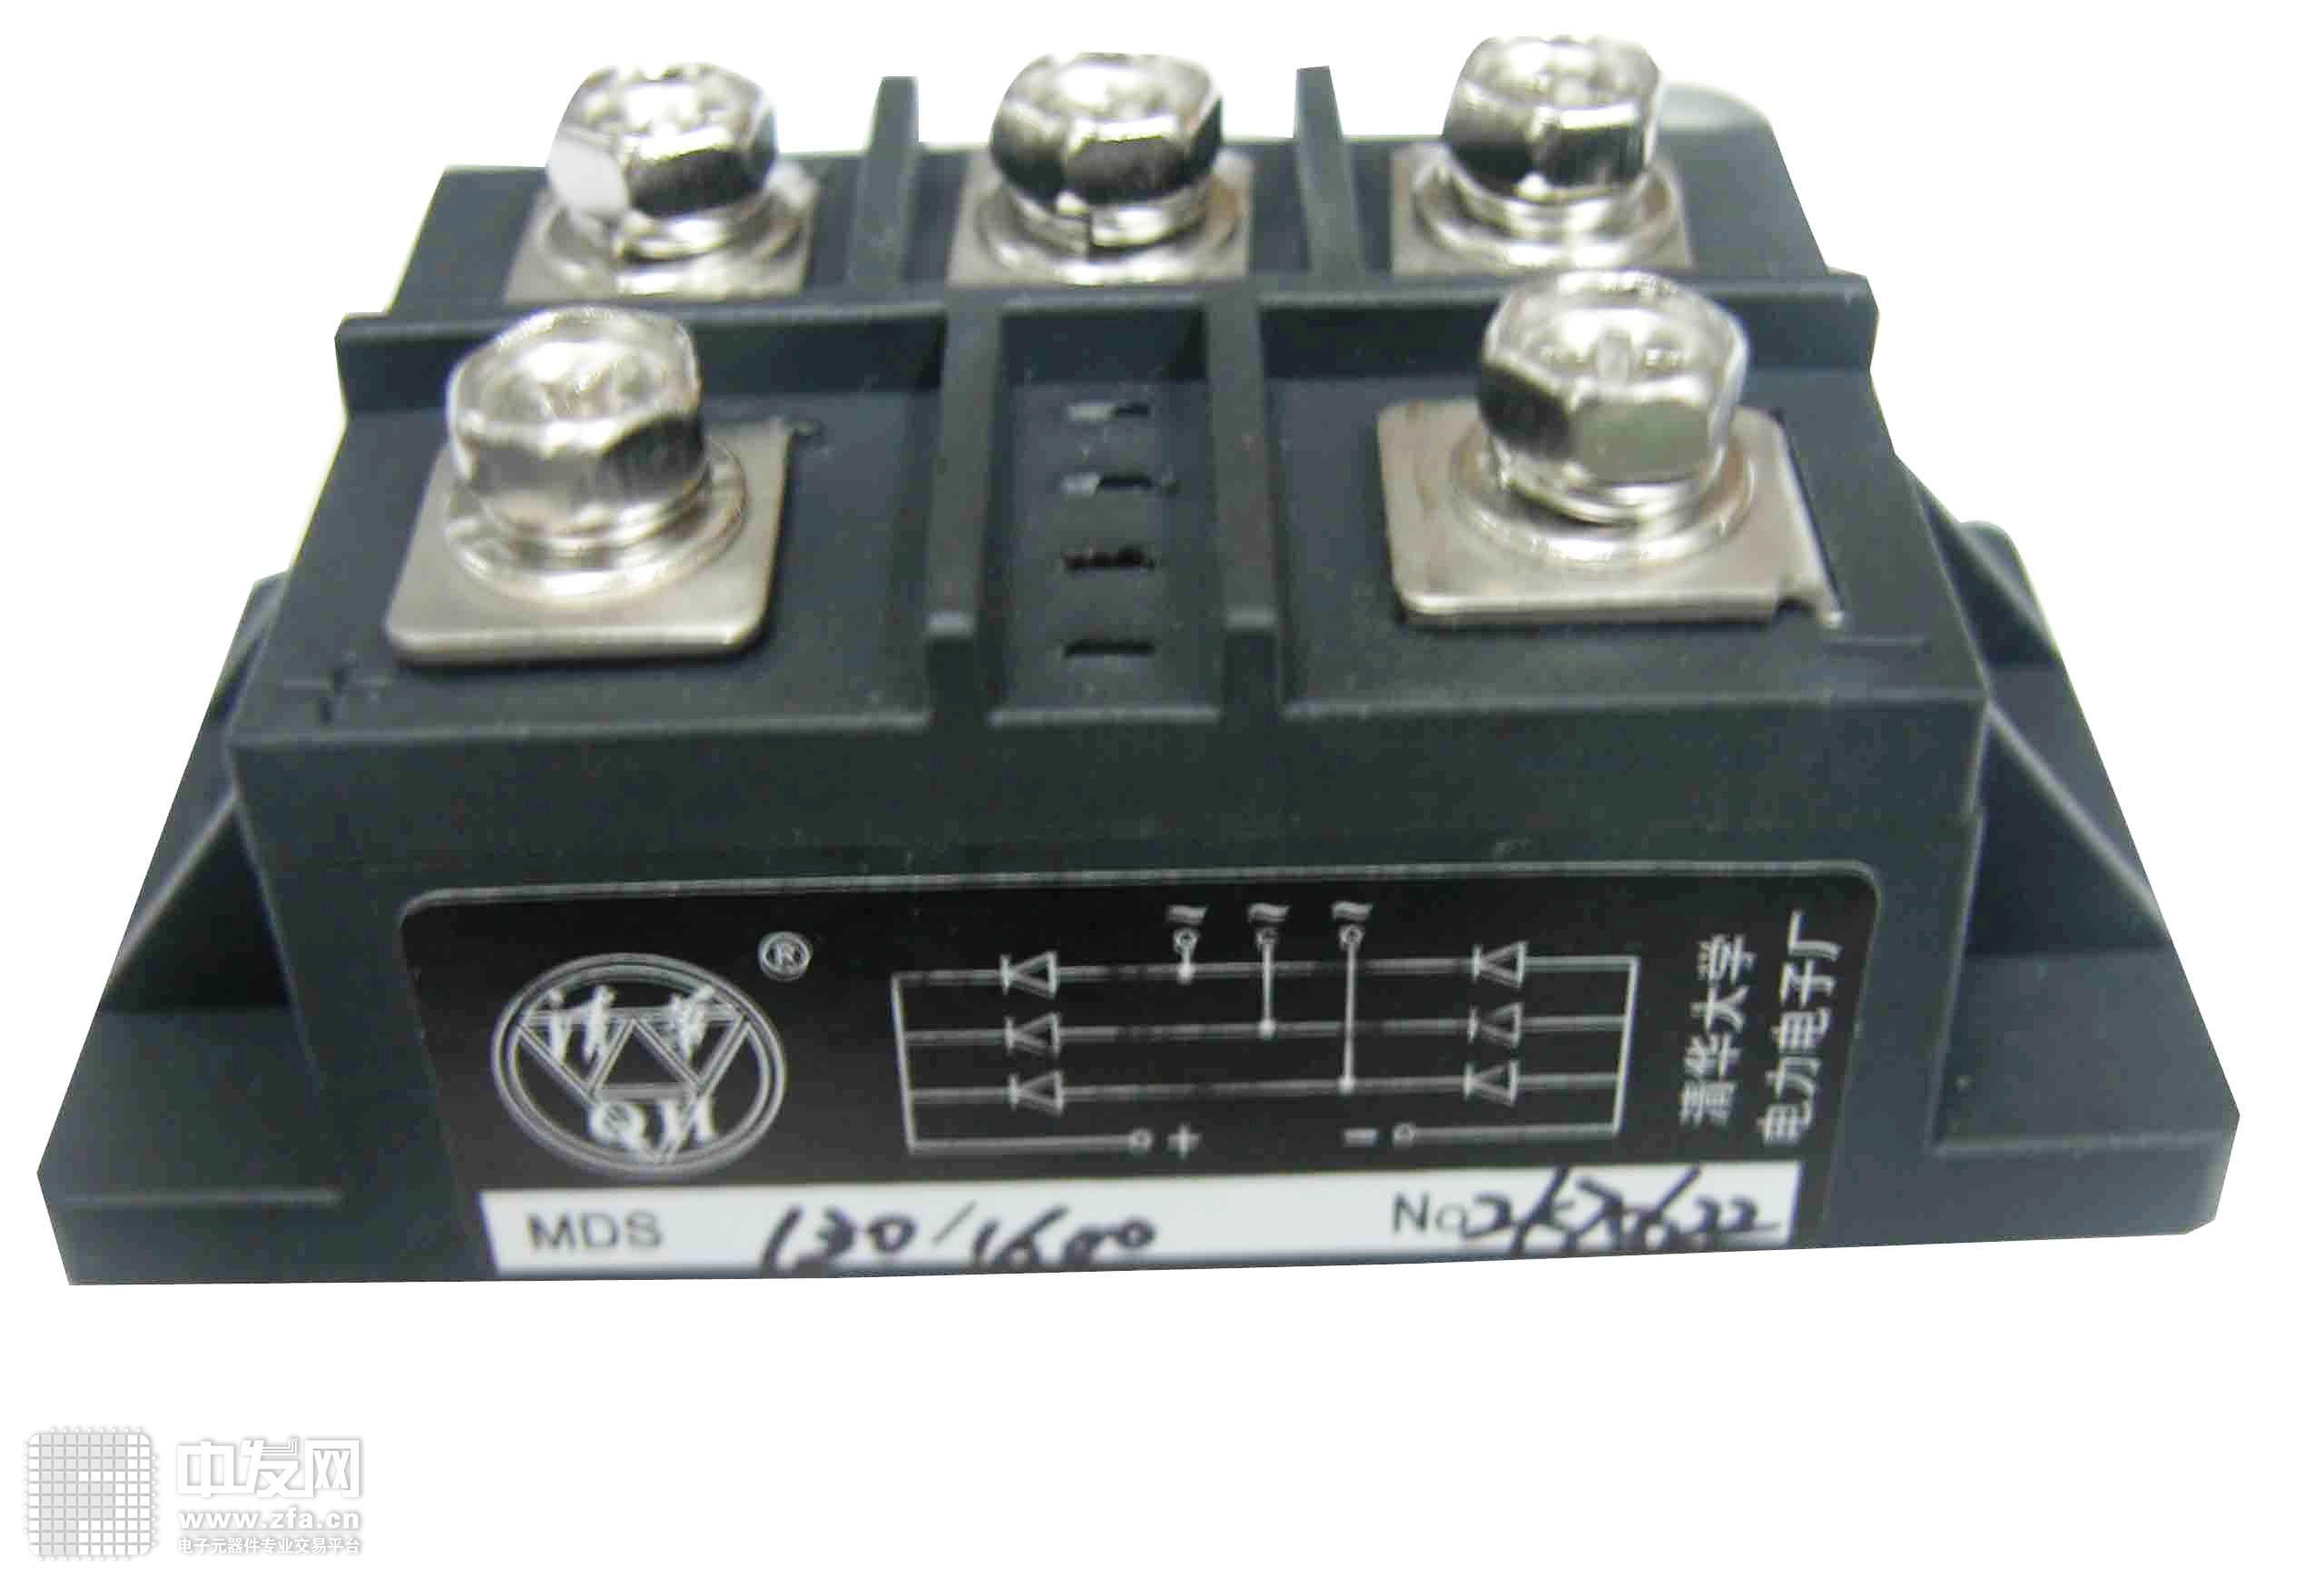 三相整流桥模块 MDS130A1600V 清华